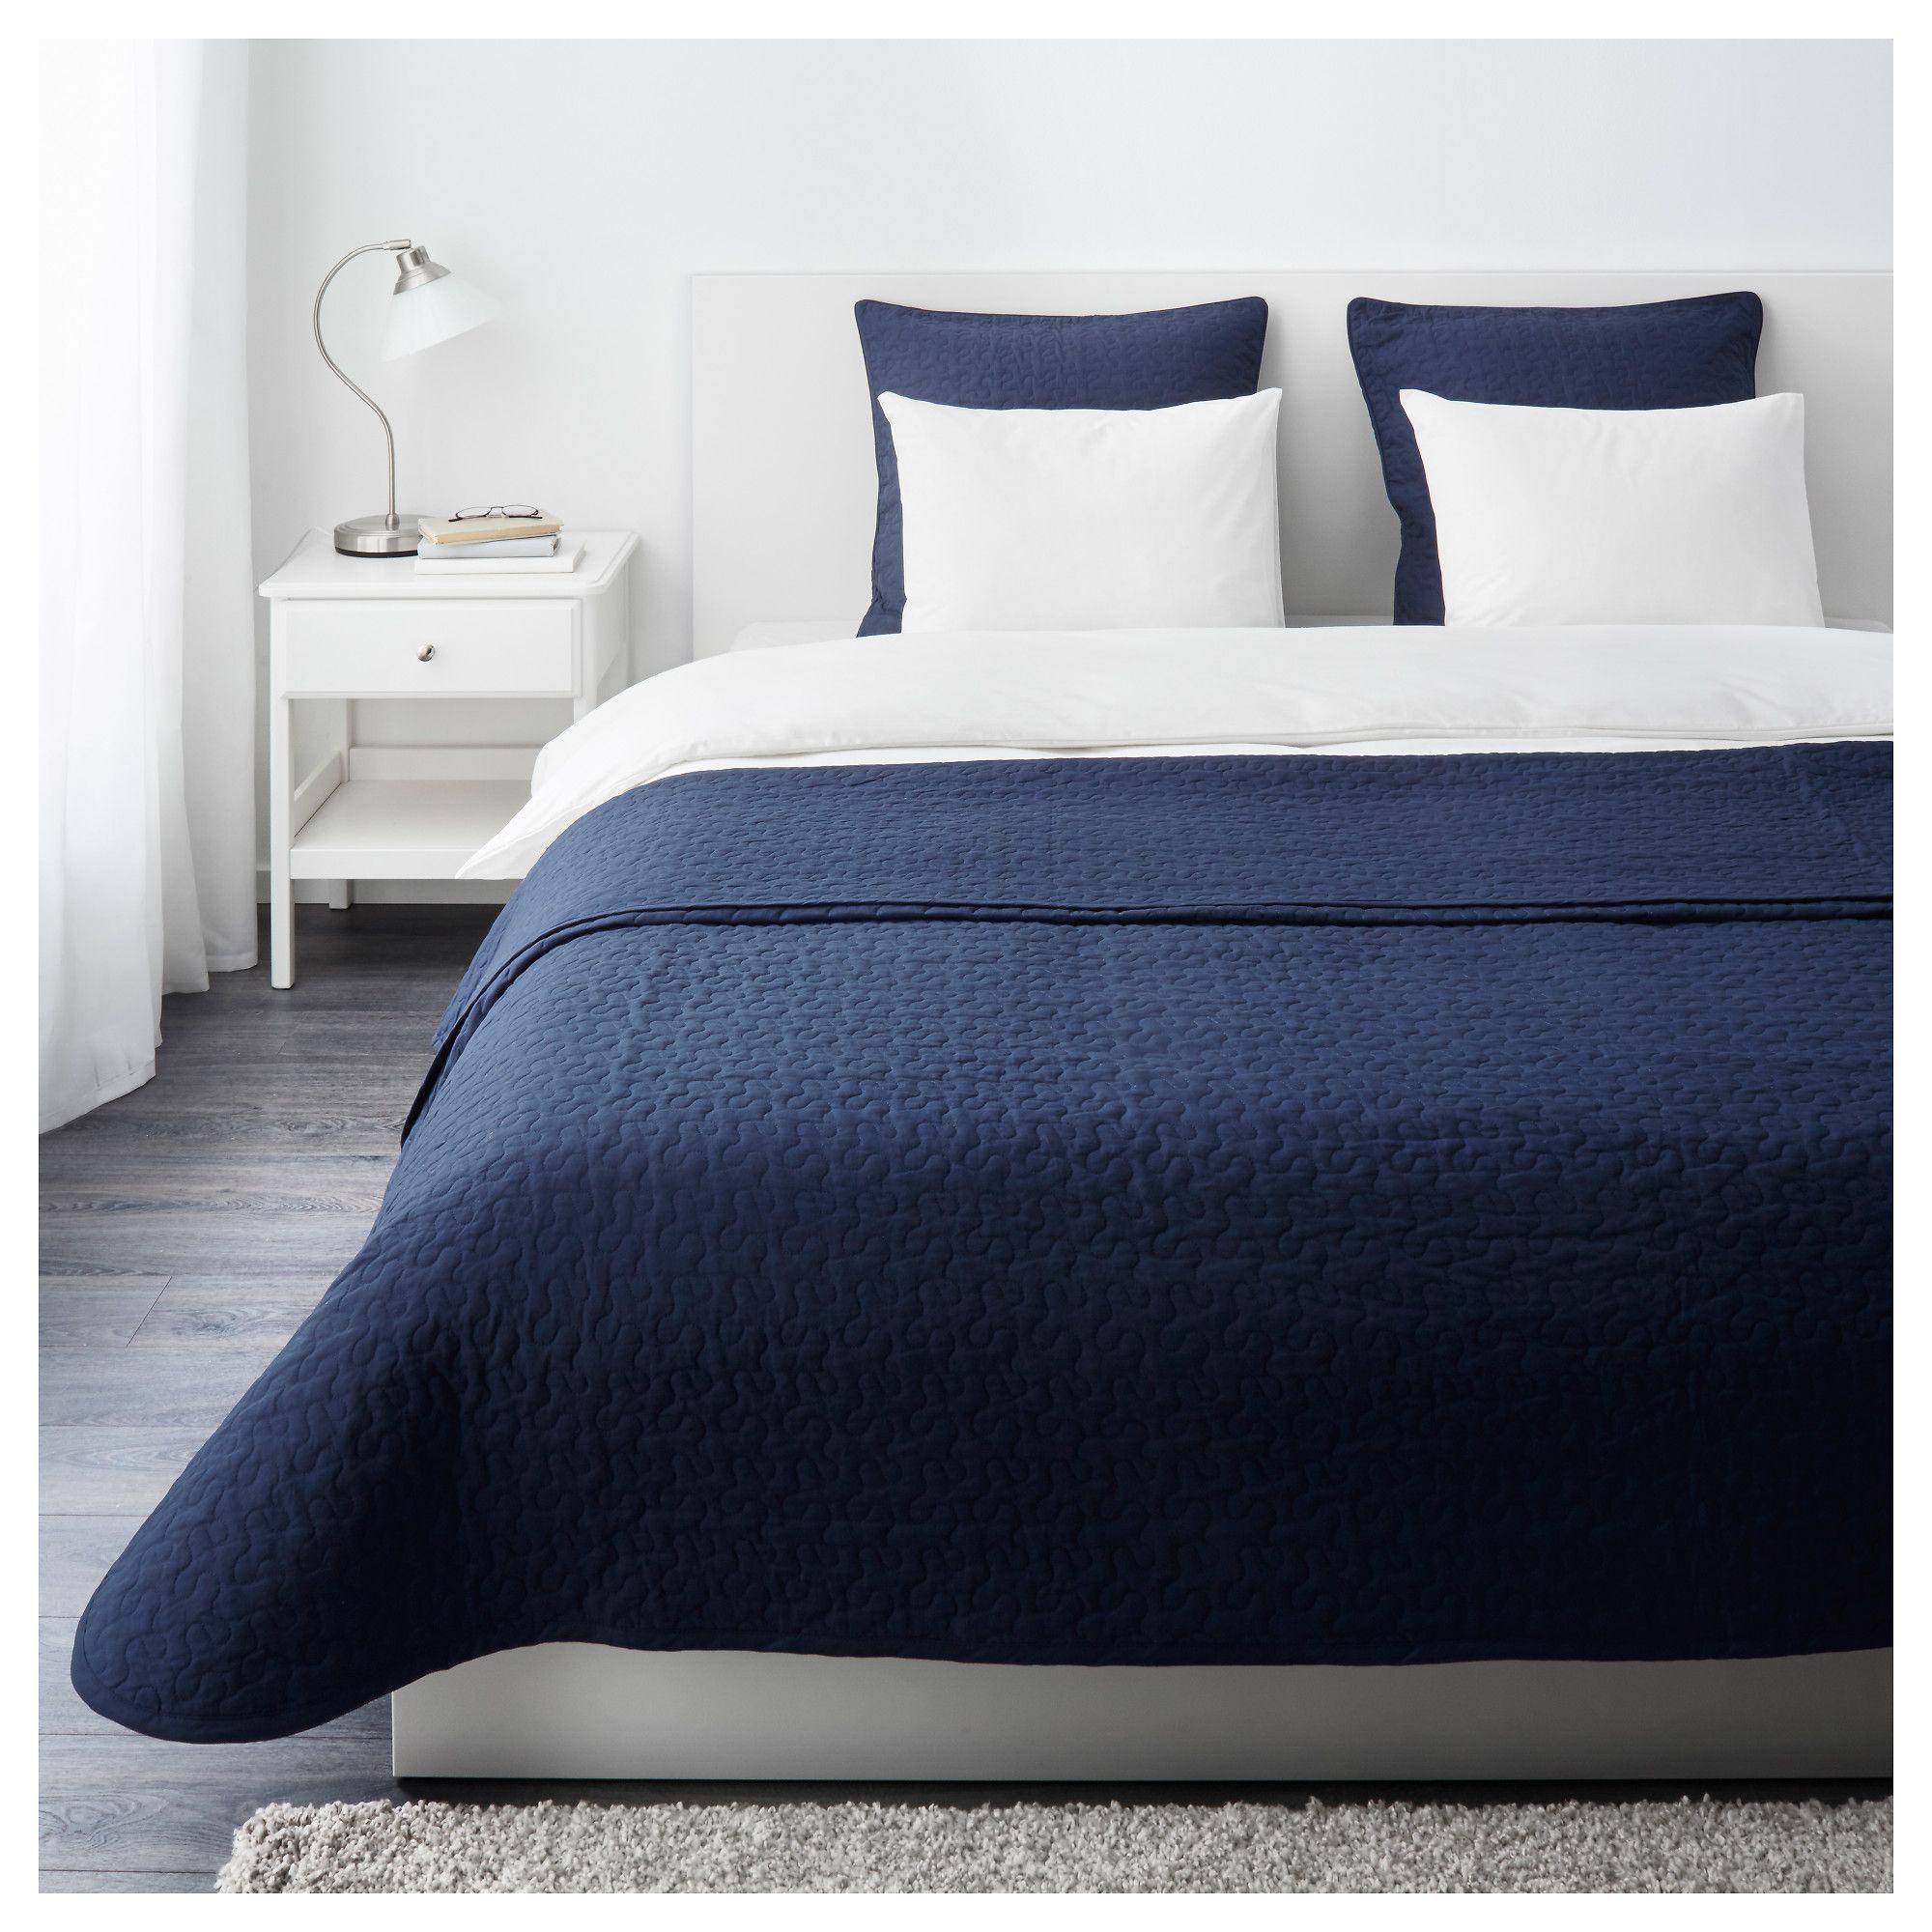 Home Outdoor Furniture Affordable Well Designed Copriletto Stanza Da Letto Sistemazione Camera Da Letto